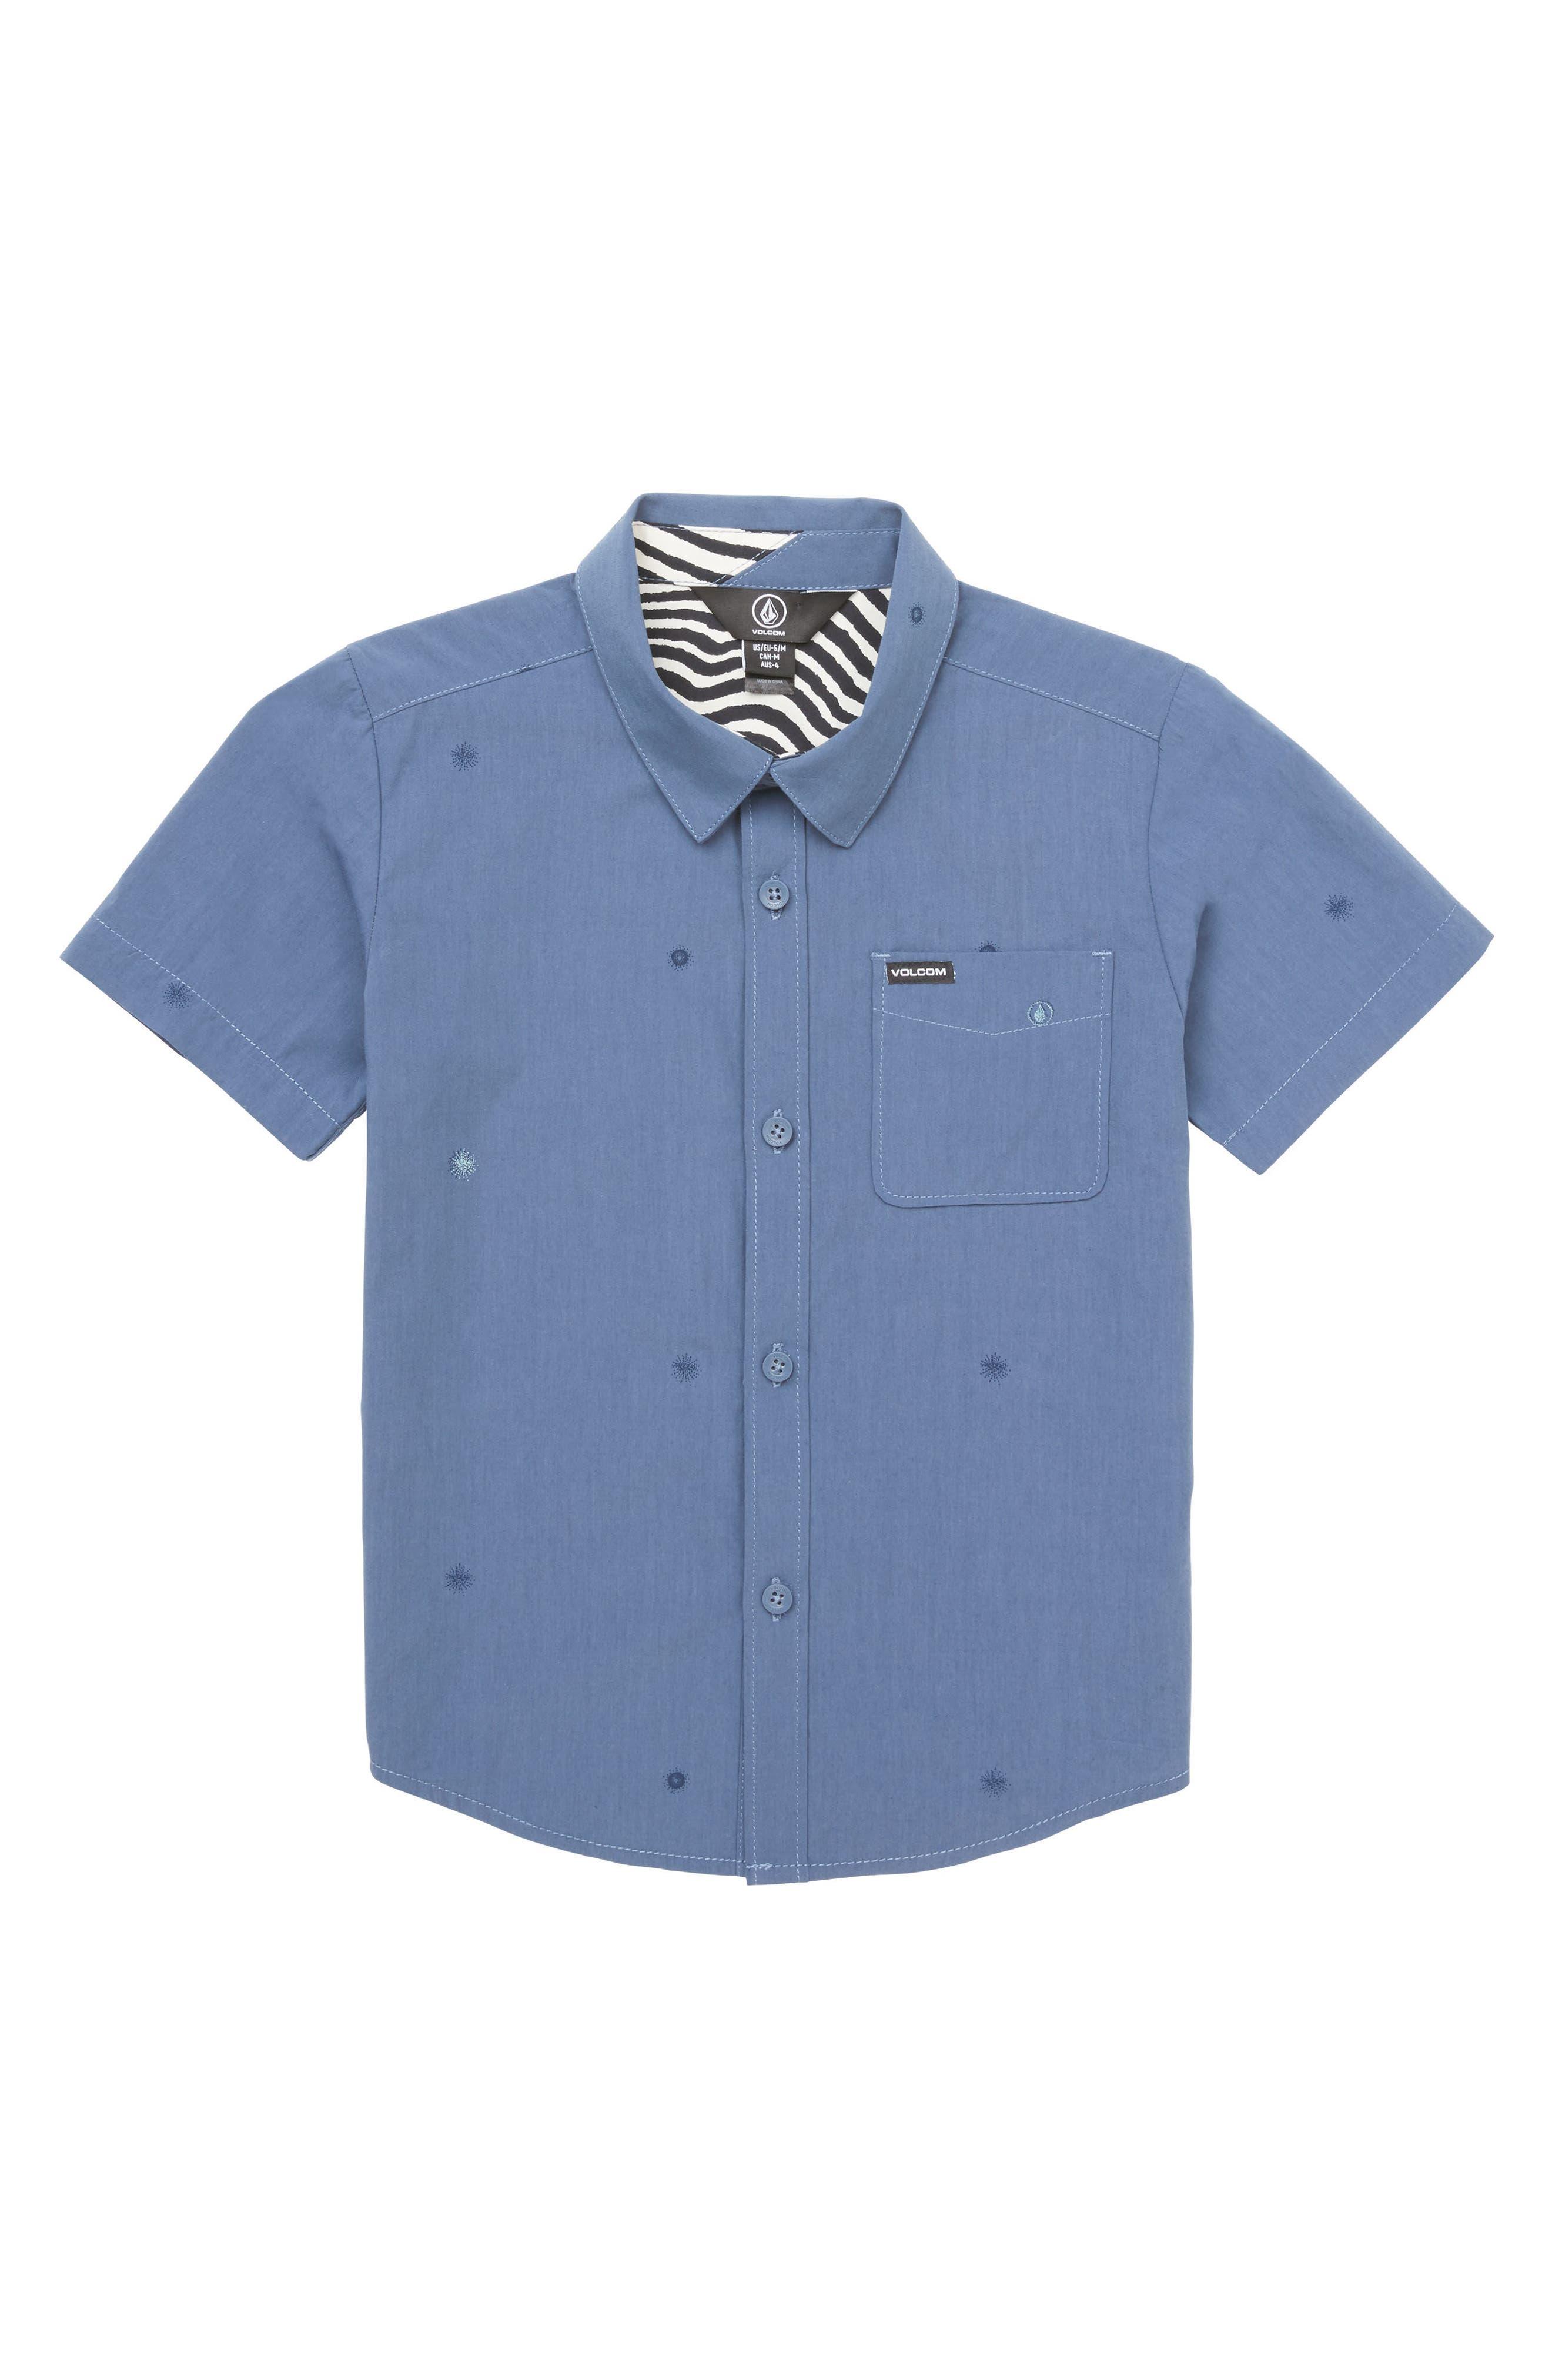 Bleeker Woven Shirt,                         Main,                         color, 463